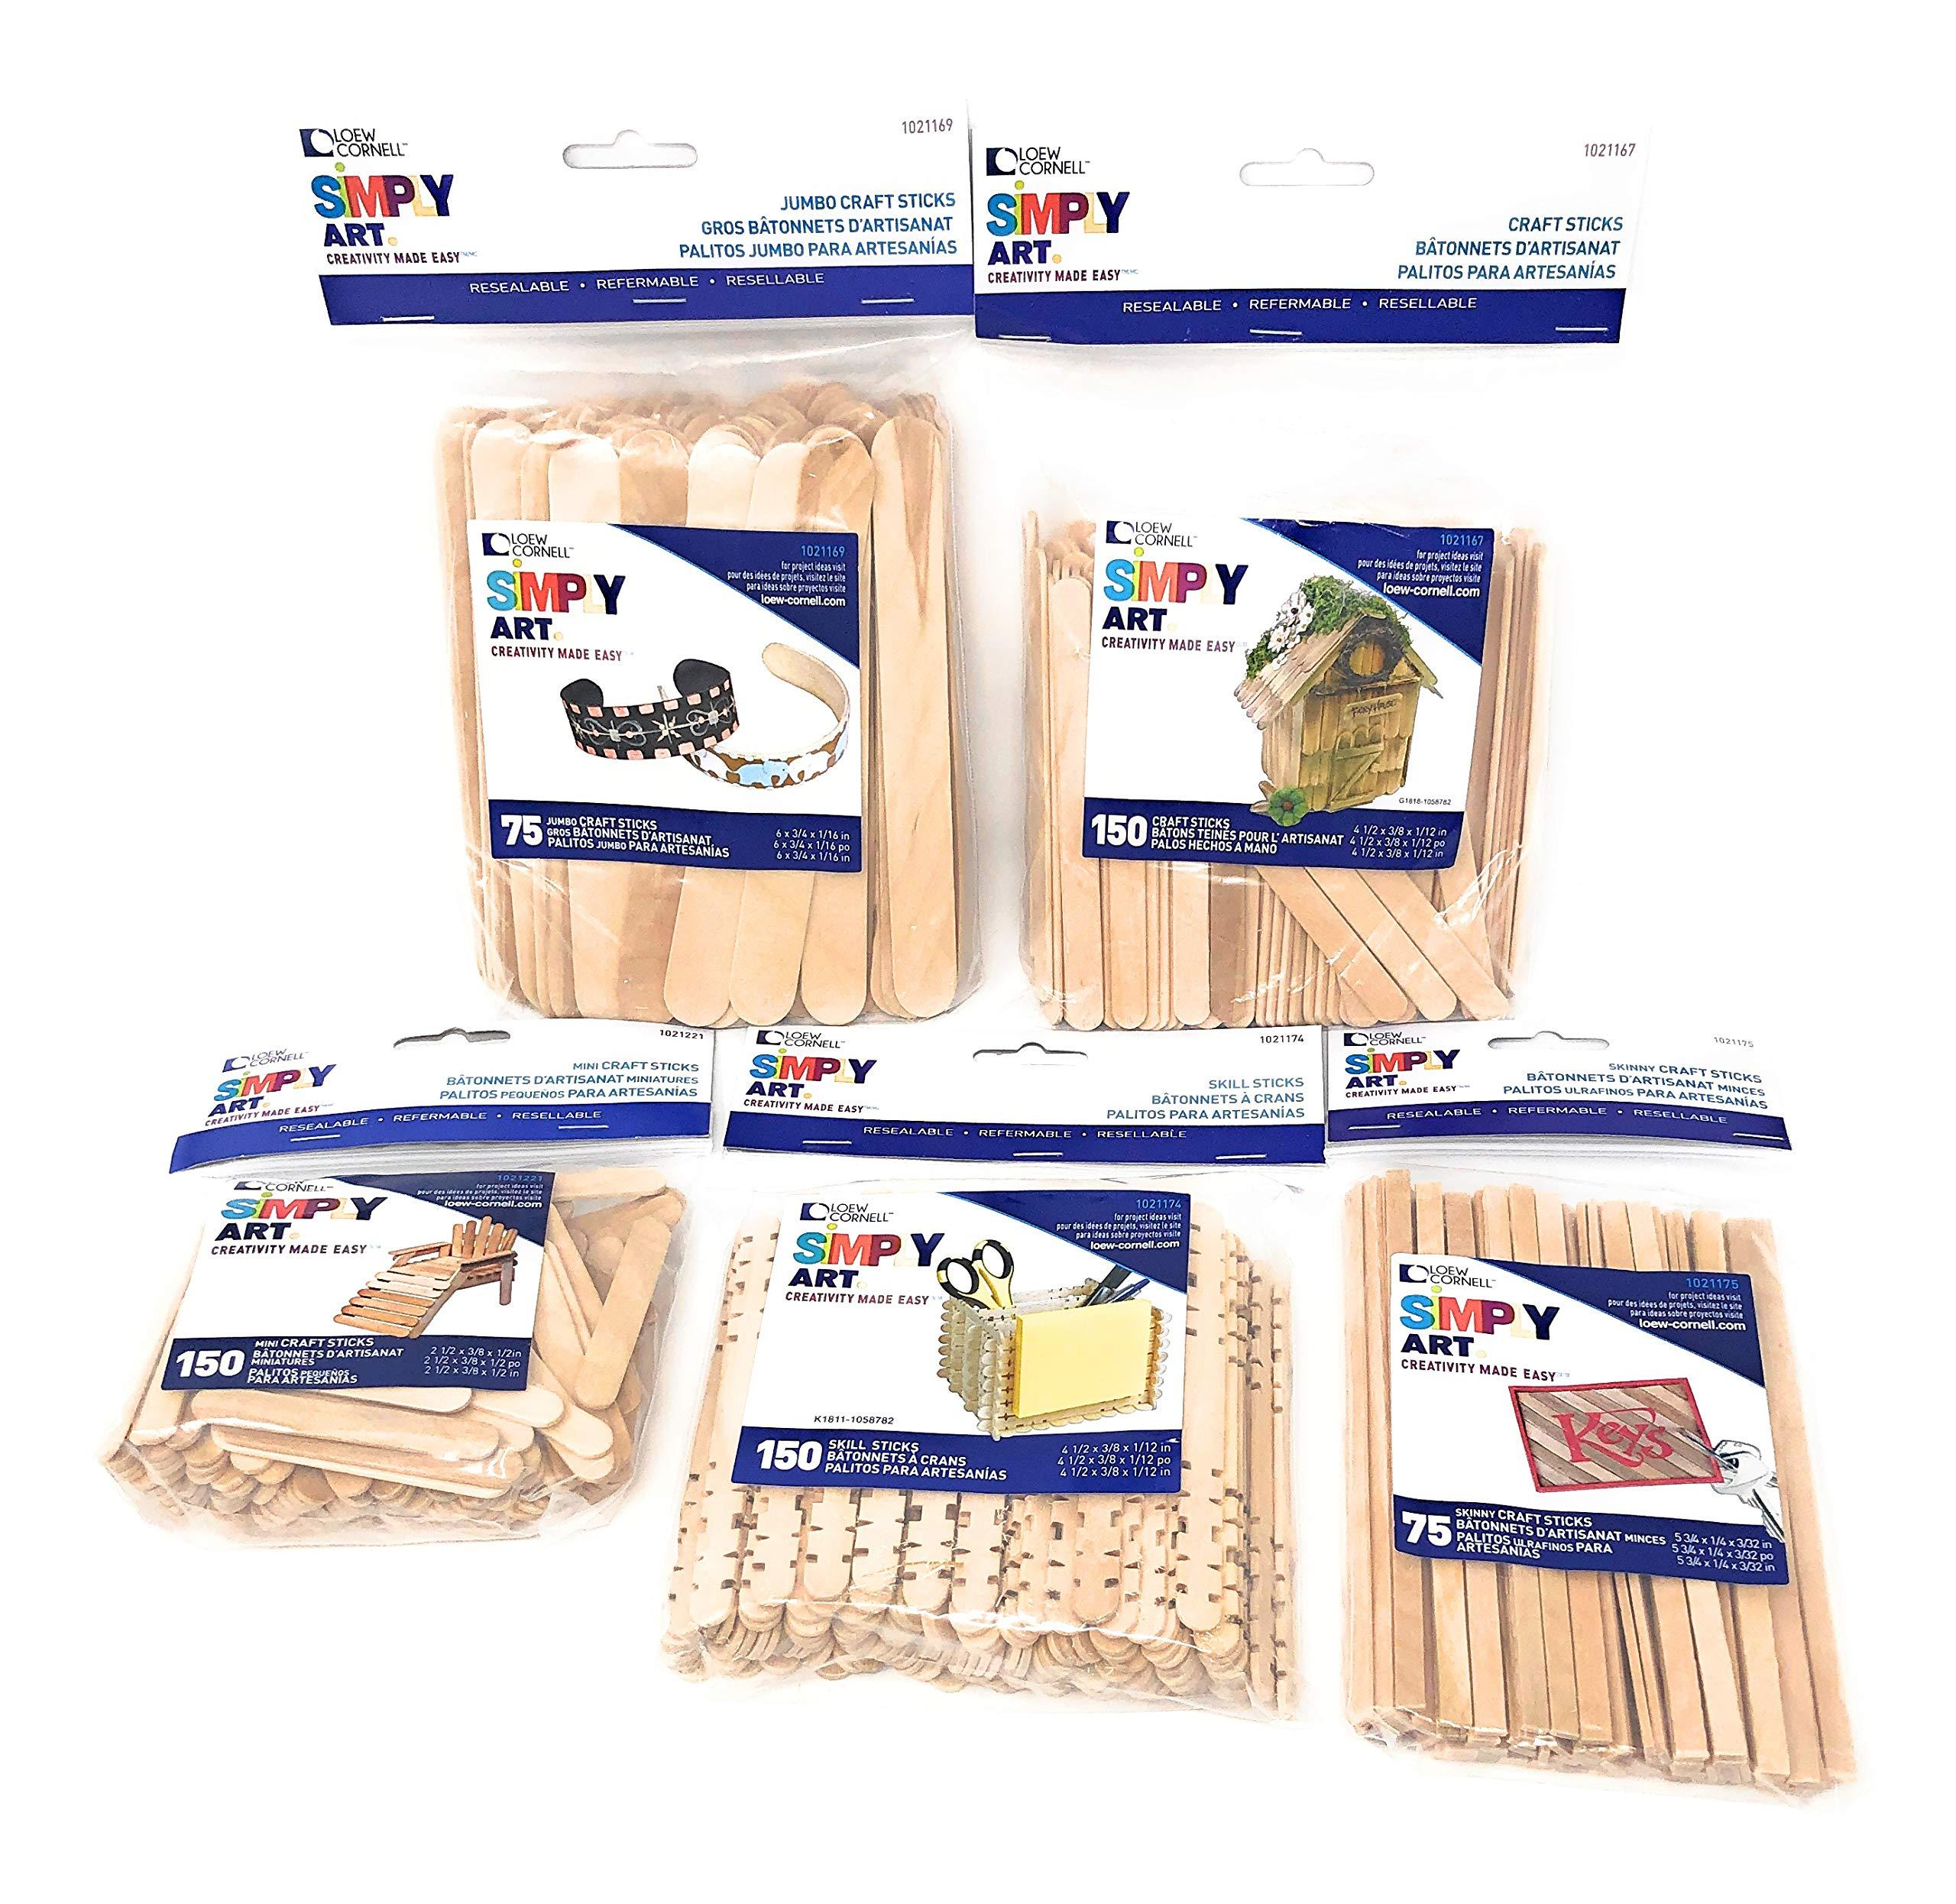 """Loew-Cornell Simply Art Wood Craft Sticks Bundle - Regular Sticks 4.5"""" (150 PCS), Mini Sticks 2.5"""" (150 PCS), Skill Sticks 4.5"""" (150 PCS), Skinny Sticks 5.75"""" (75 PCS), Jumbo Sticks 6"""" (75 PCS)."""